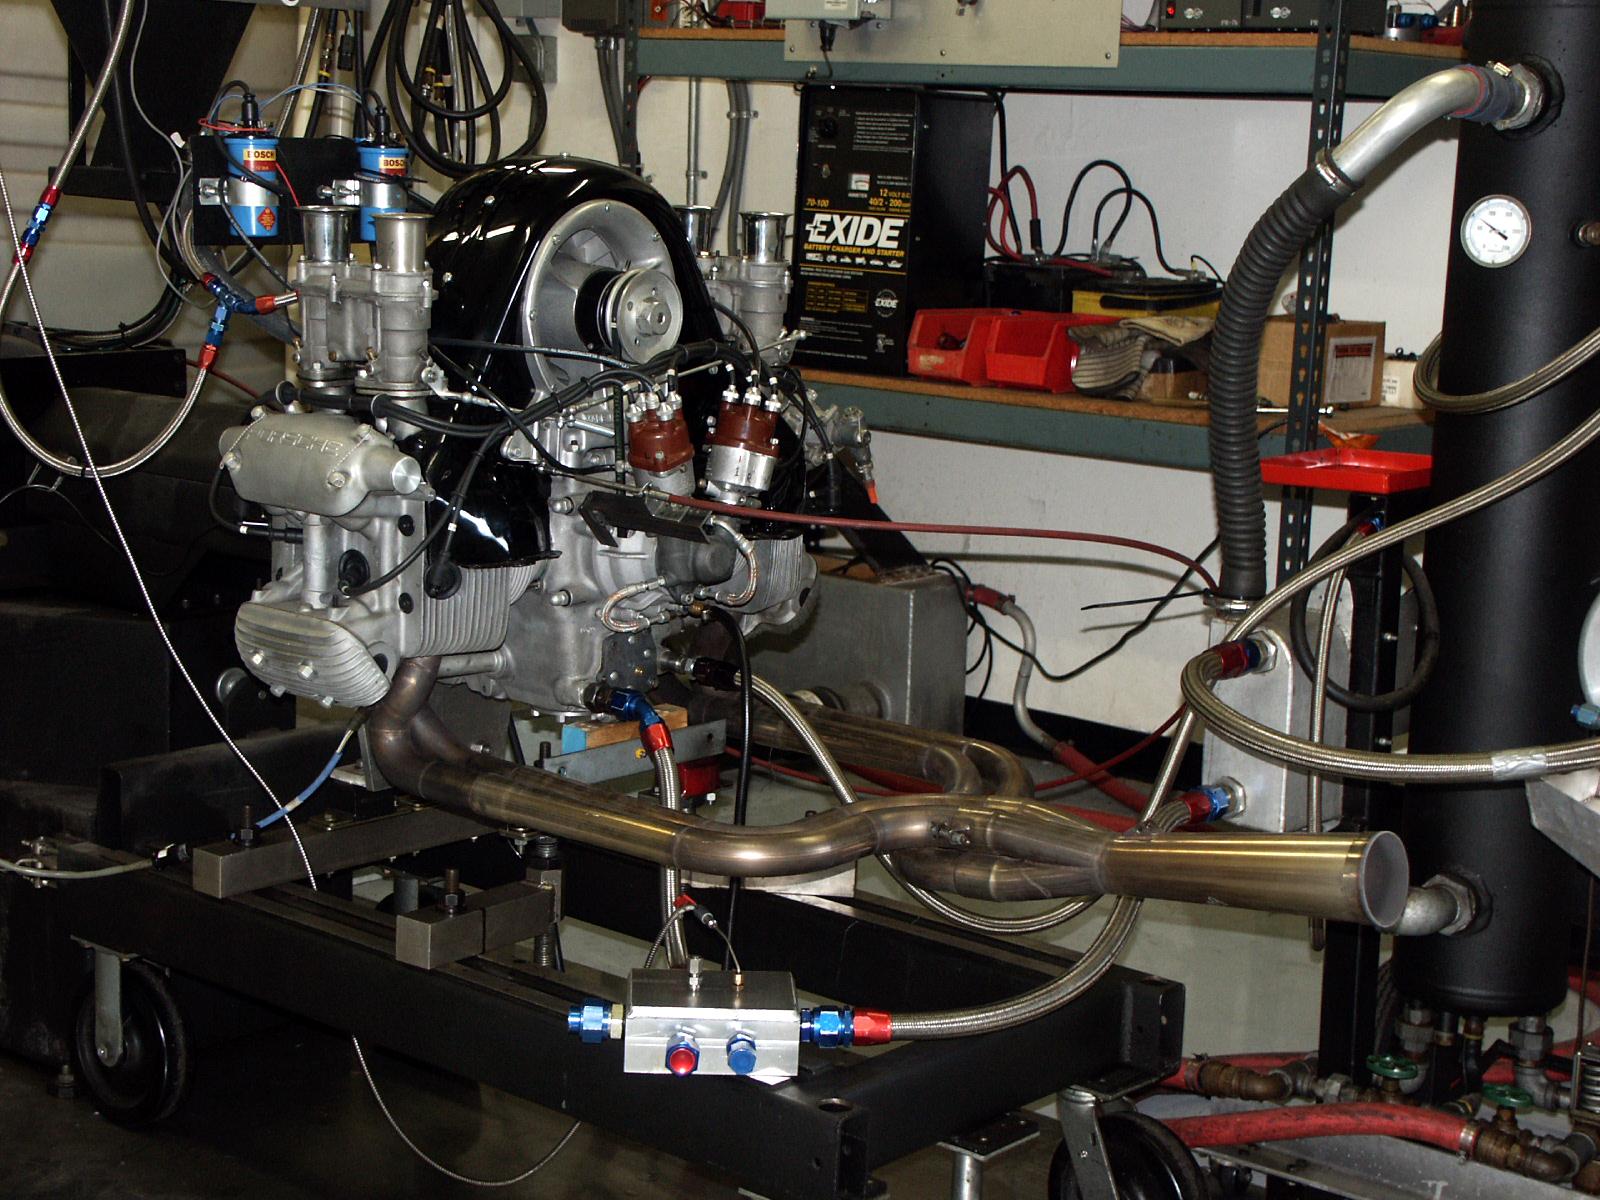 4cam Edelweiss 20070515-1.jpg